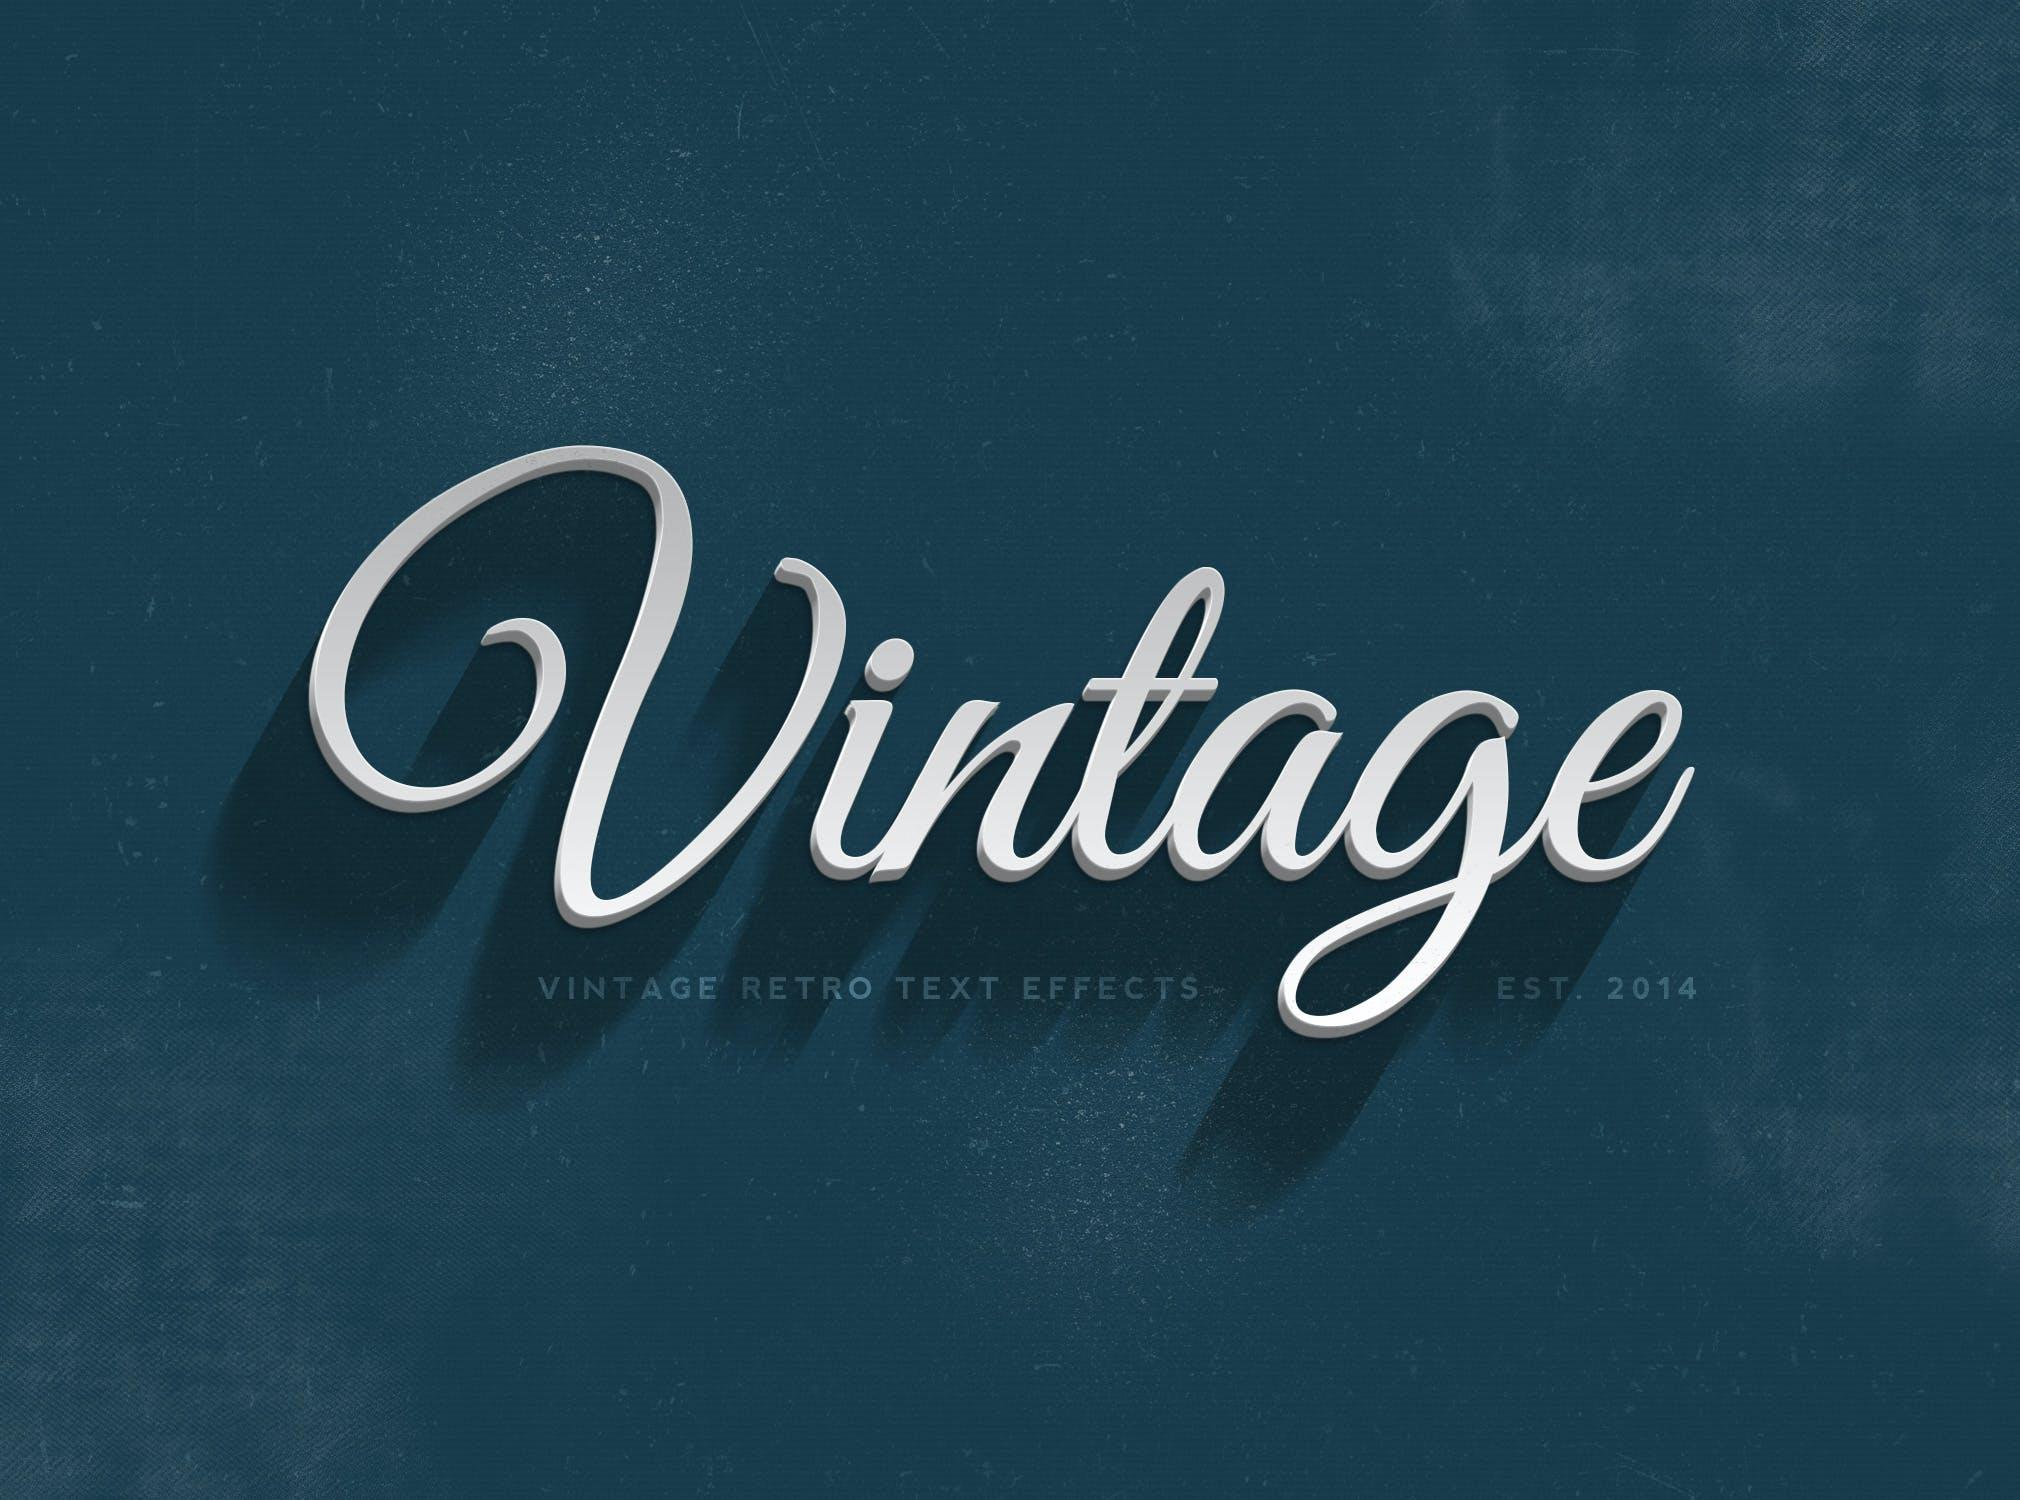 14款老式复古3D立体效果徽标标题字体设计PS样式模板 14 Vintage Retro Text Effects插图(7)